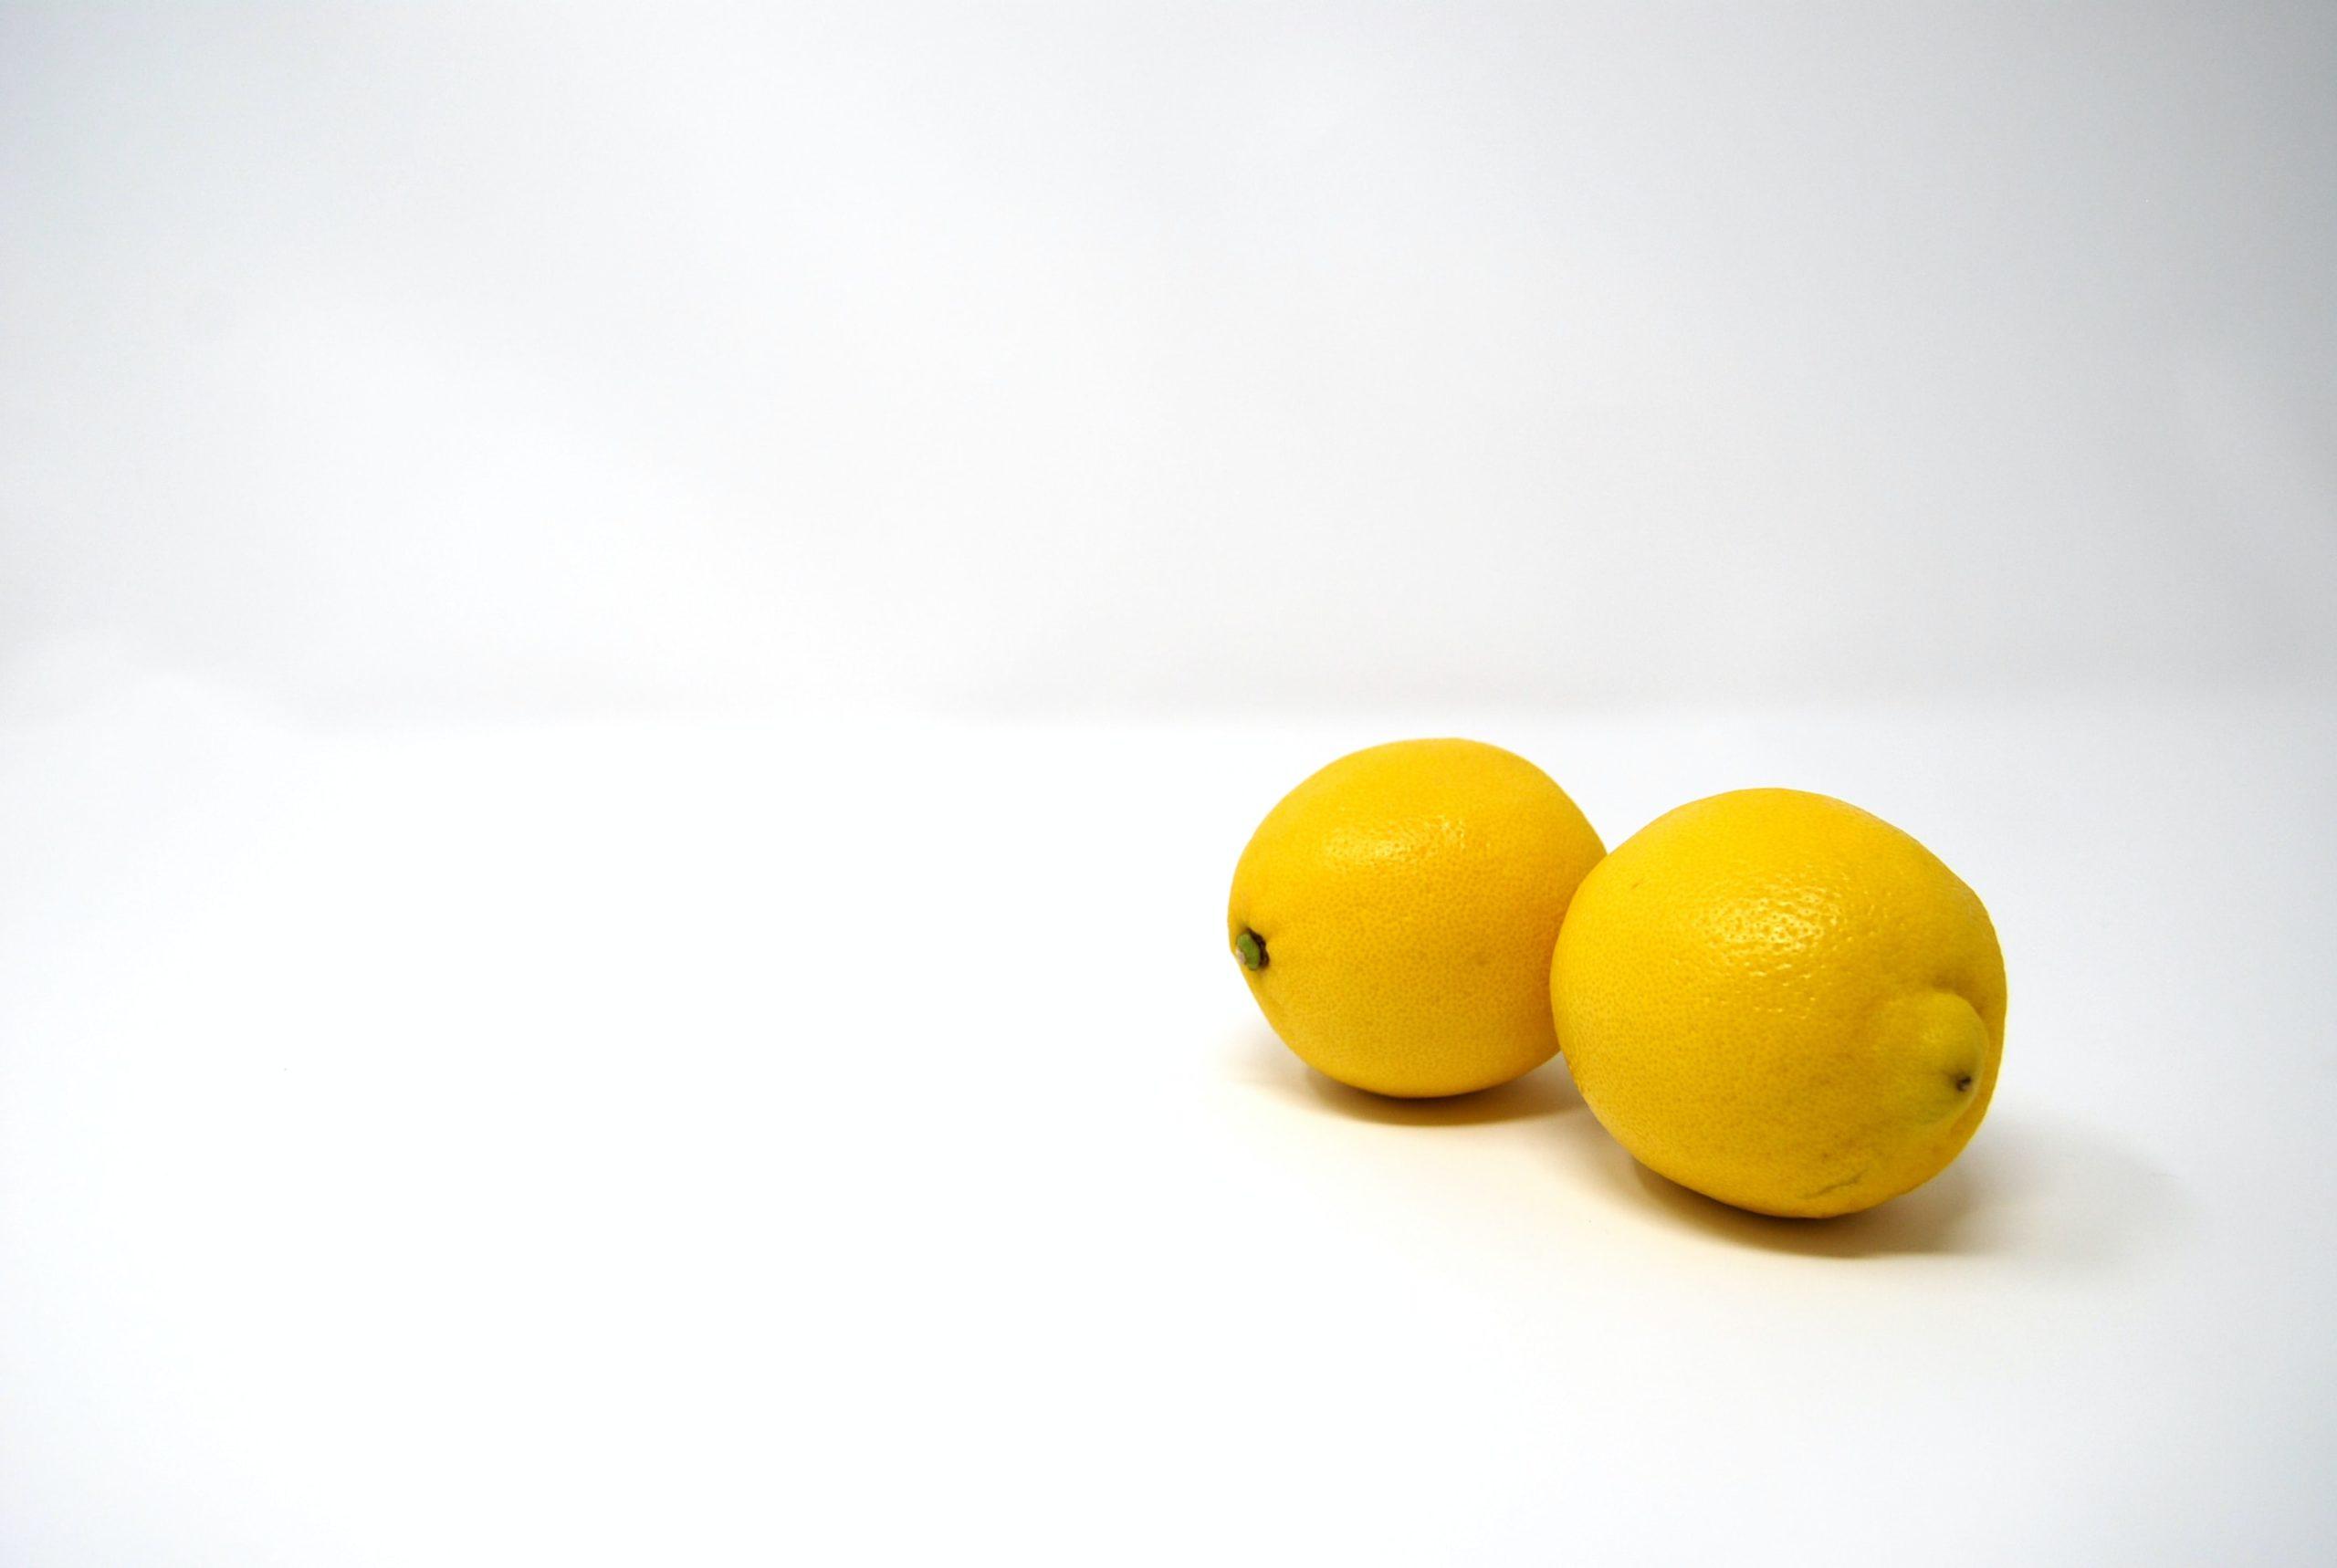 lemon acid